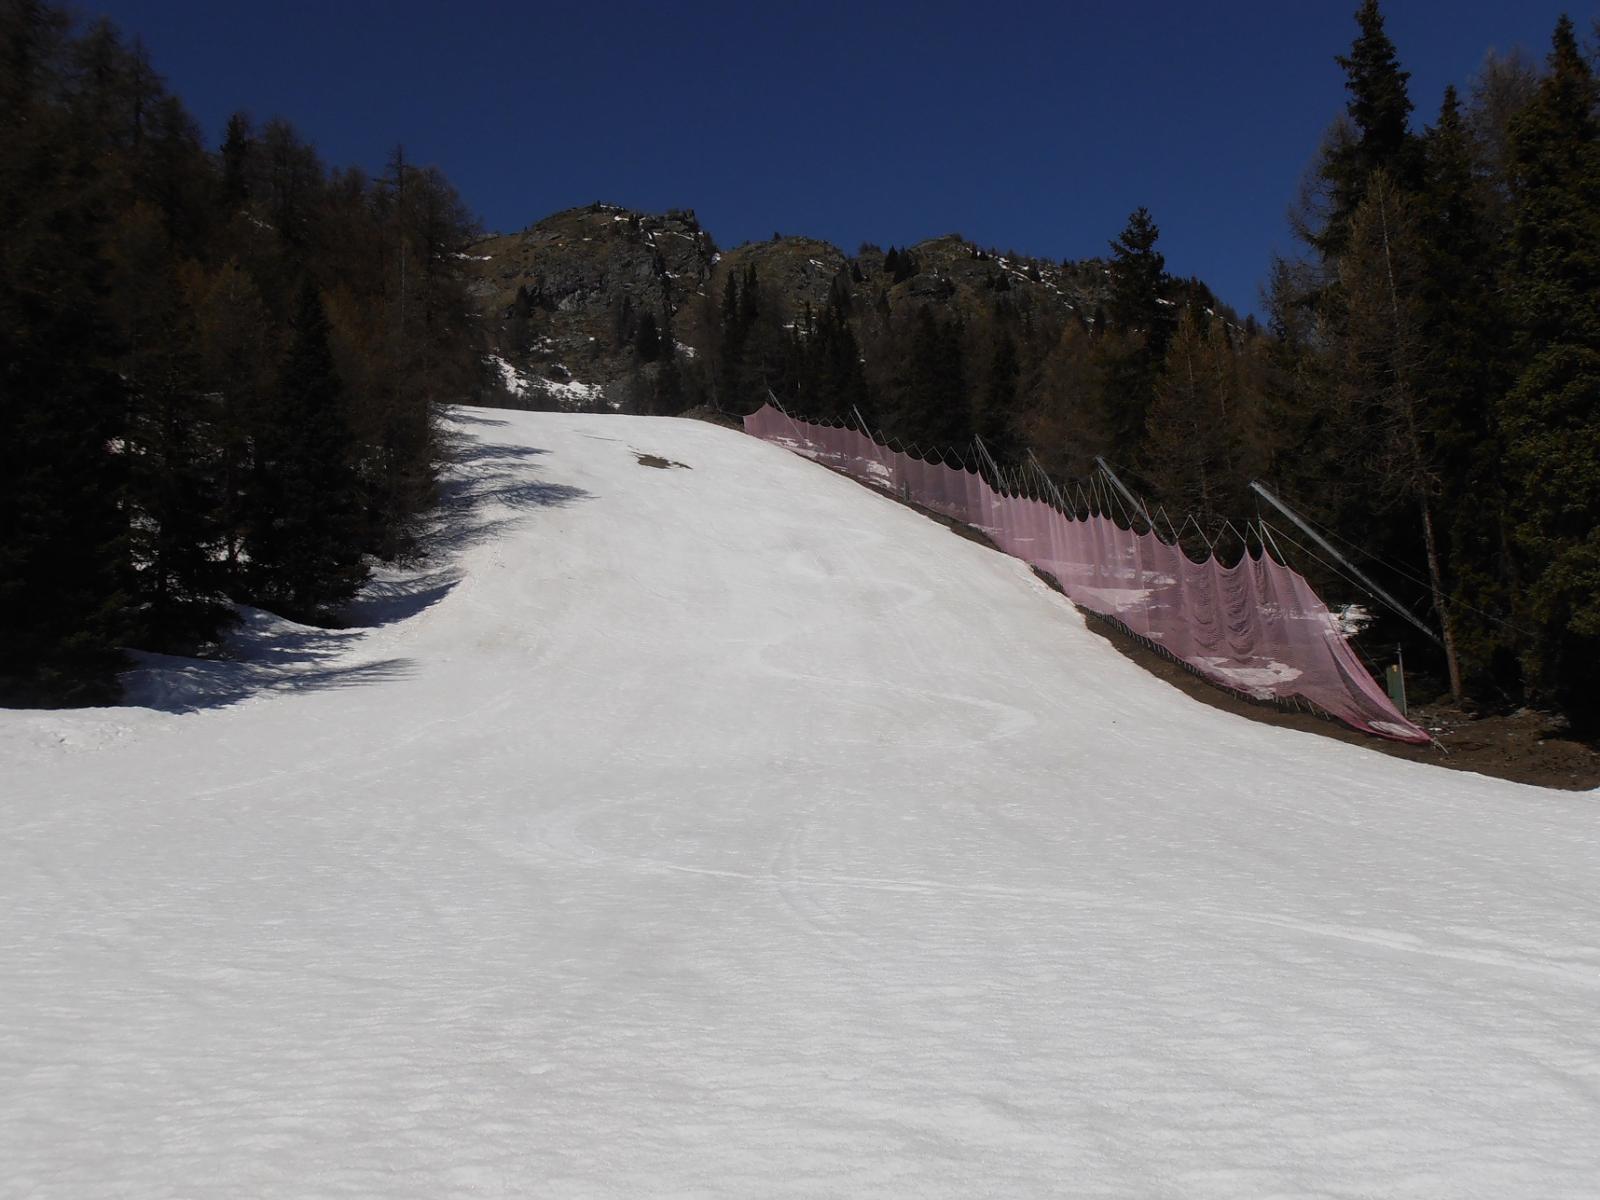 02 - sulla pista all'ombra zona Col Fenetre neve persino duretta